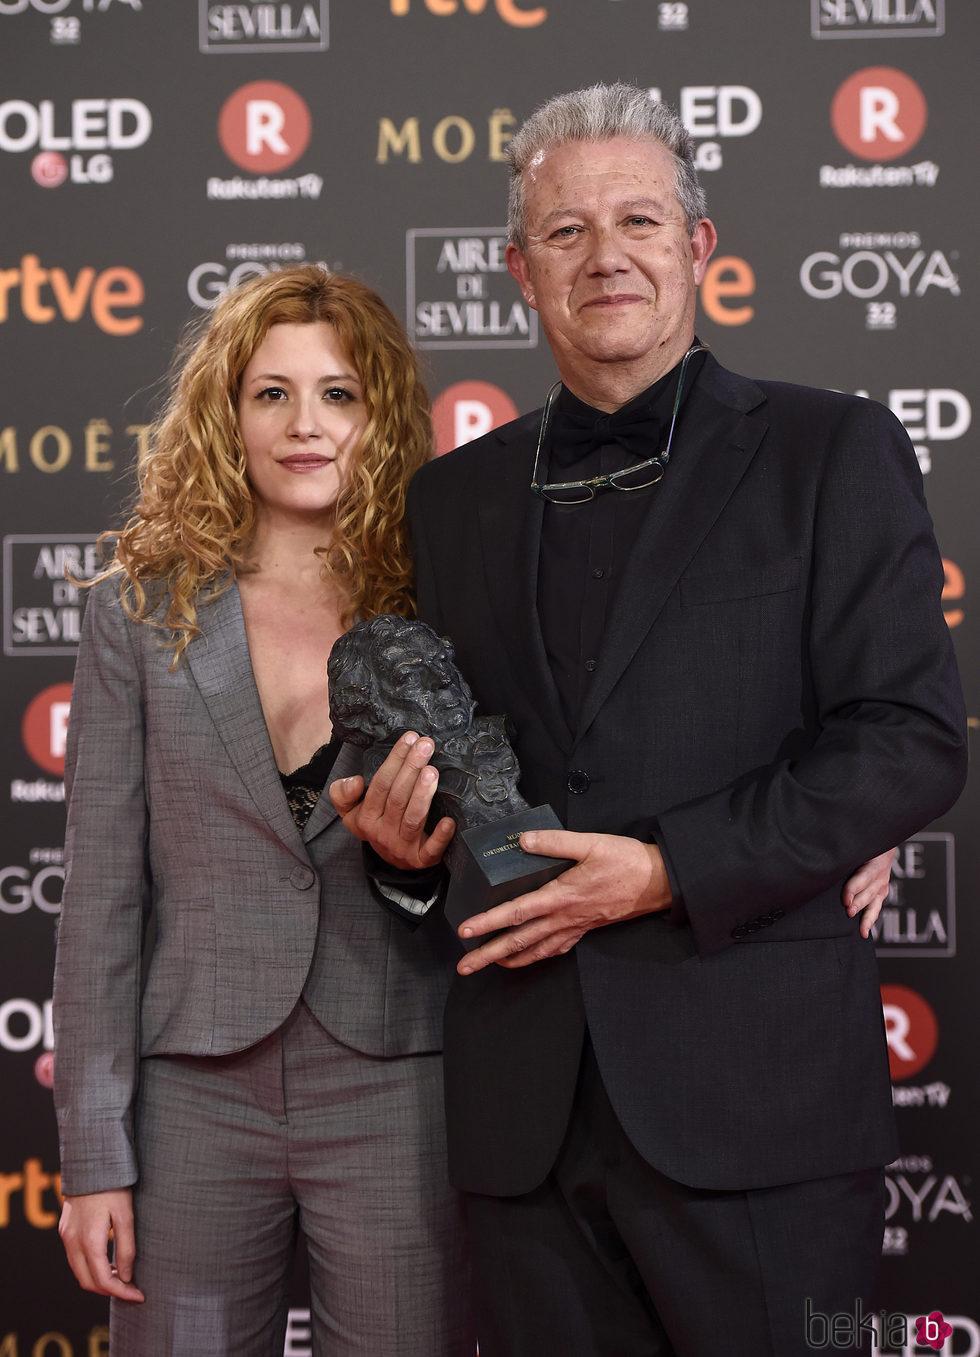 Laura Ferres posando con su galardón en los Premios Goya 2018